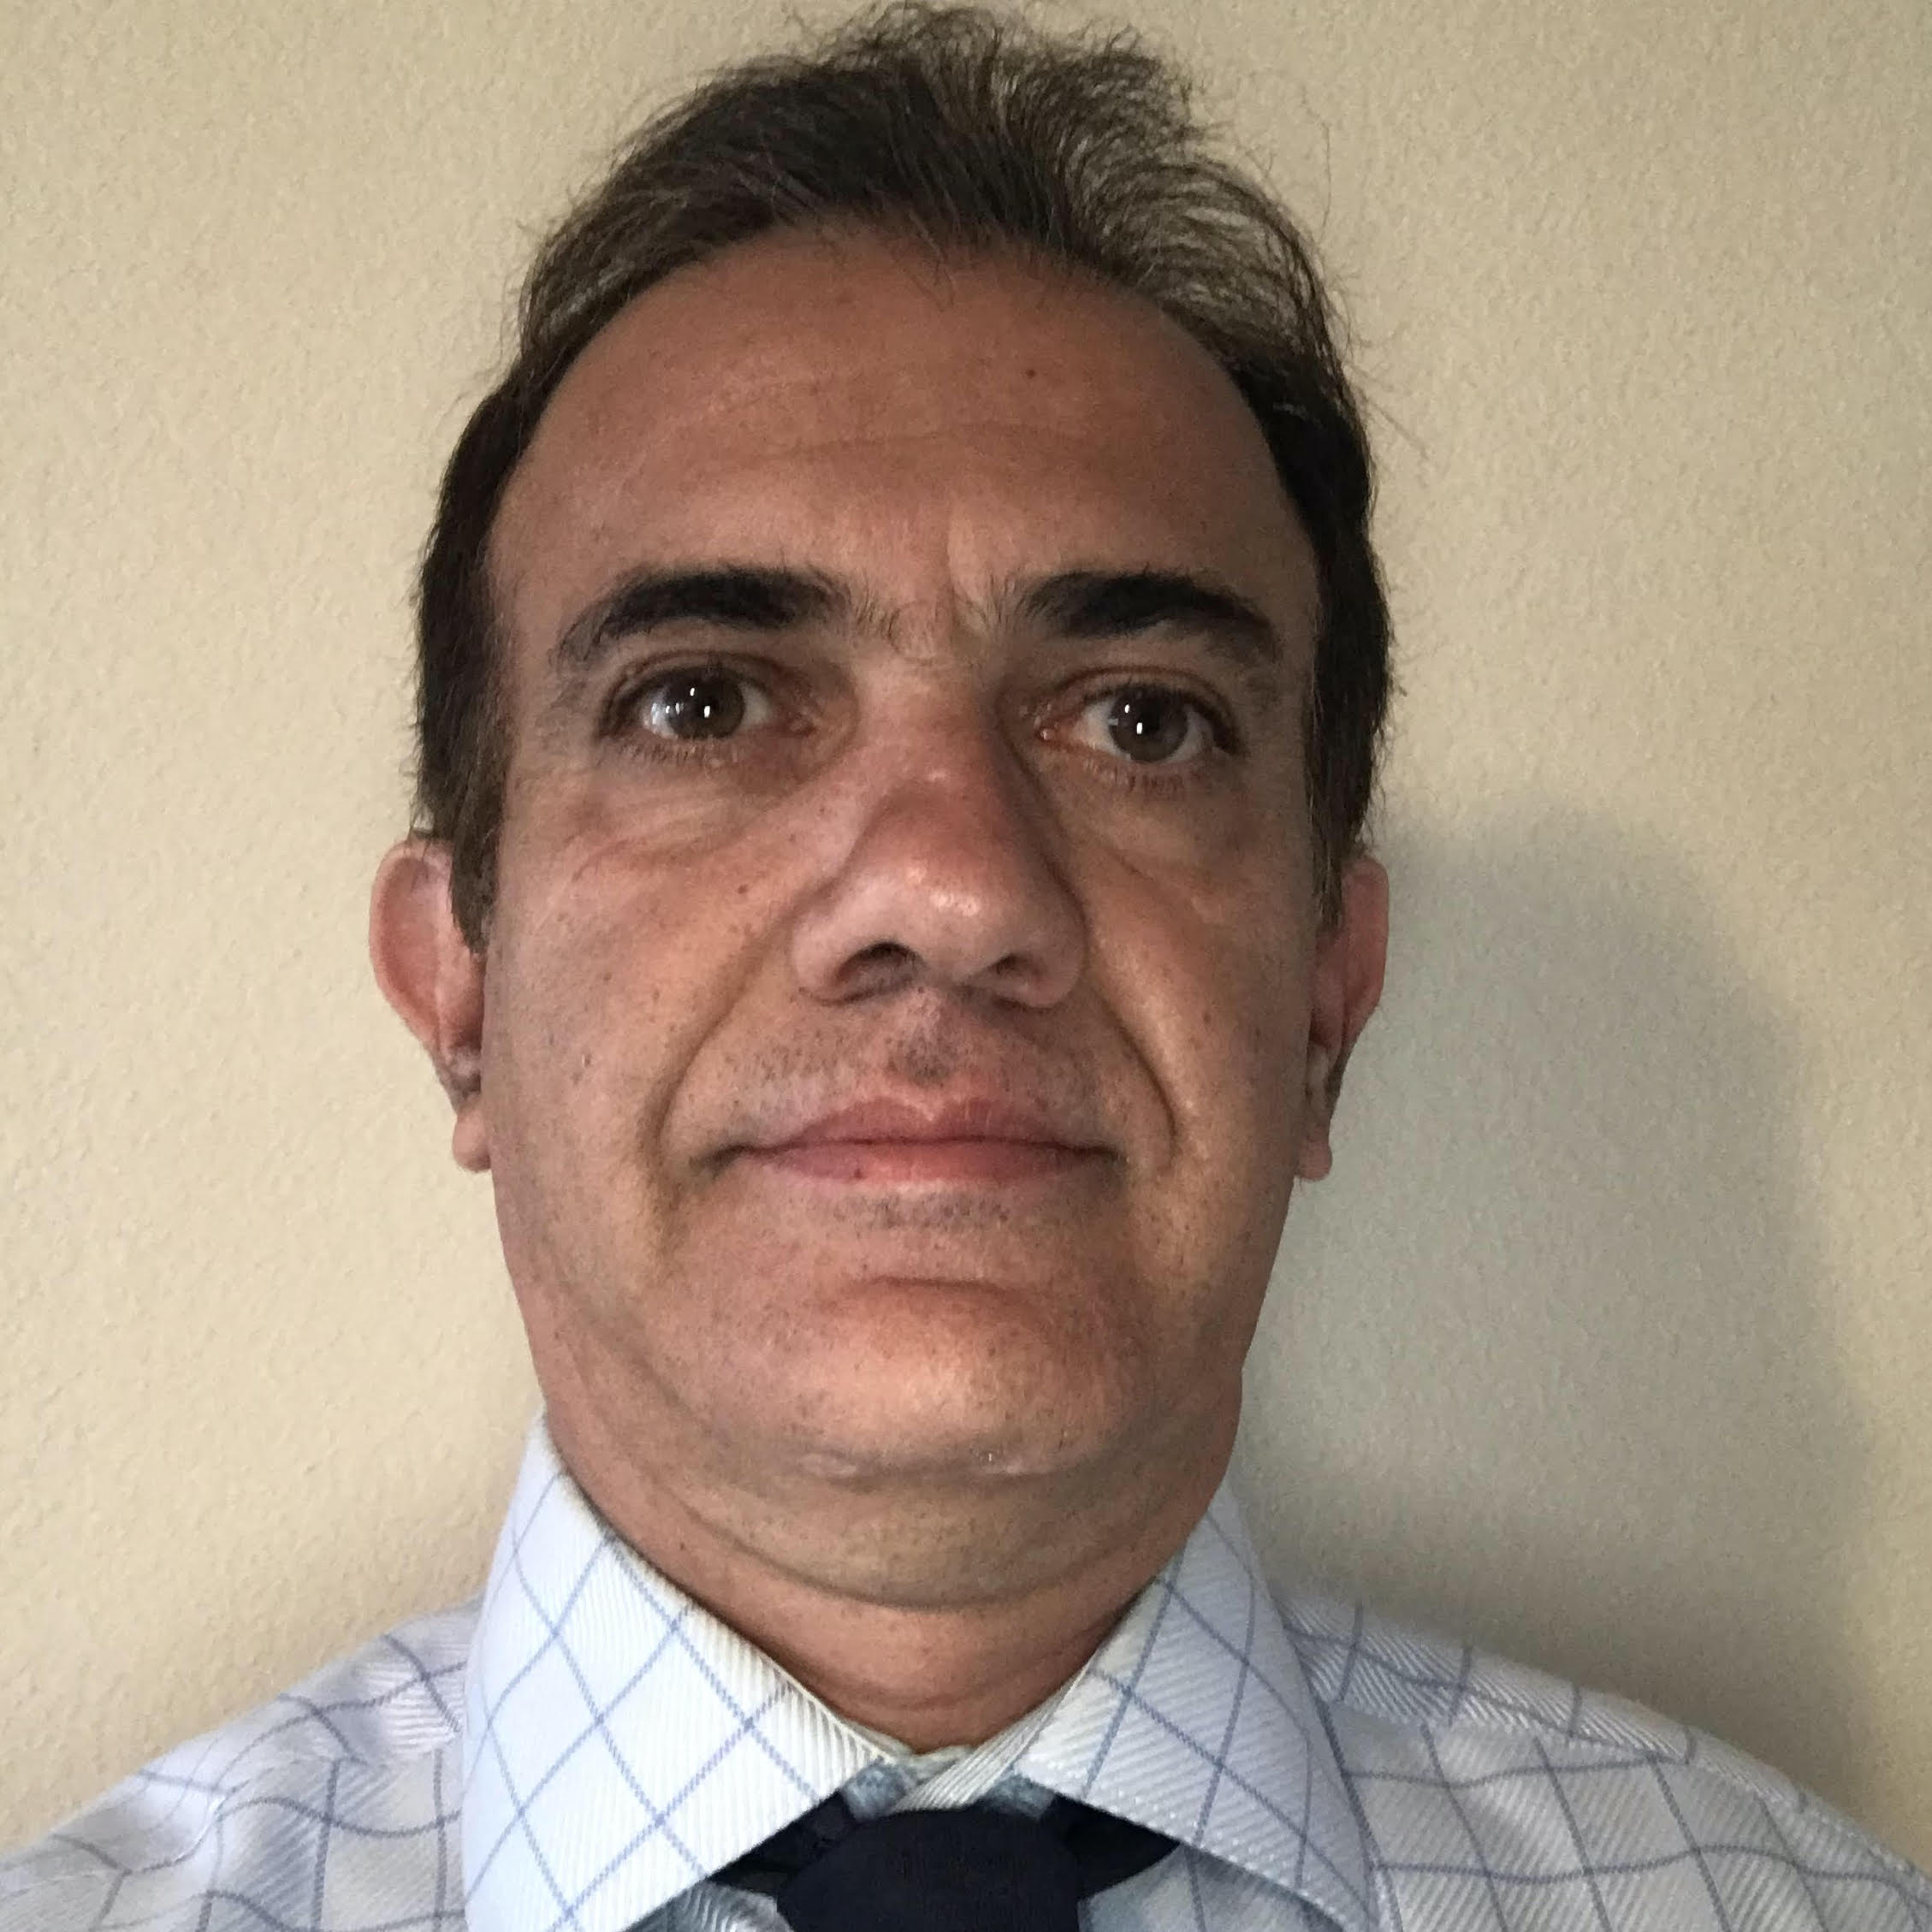 Houman Naderzad